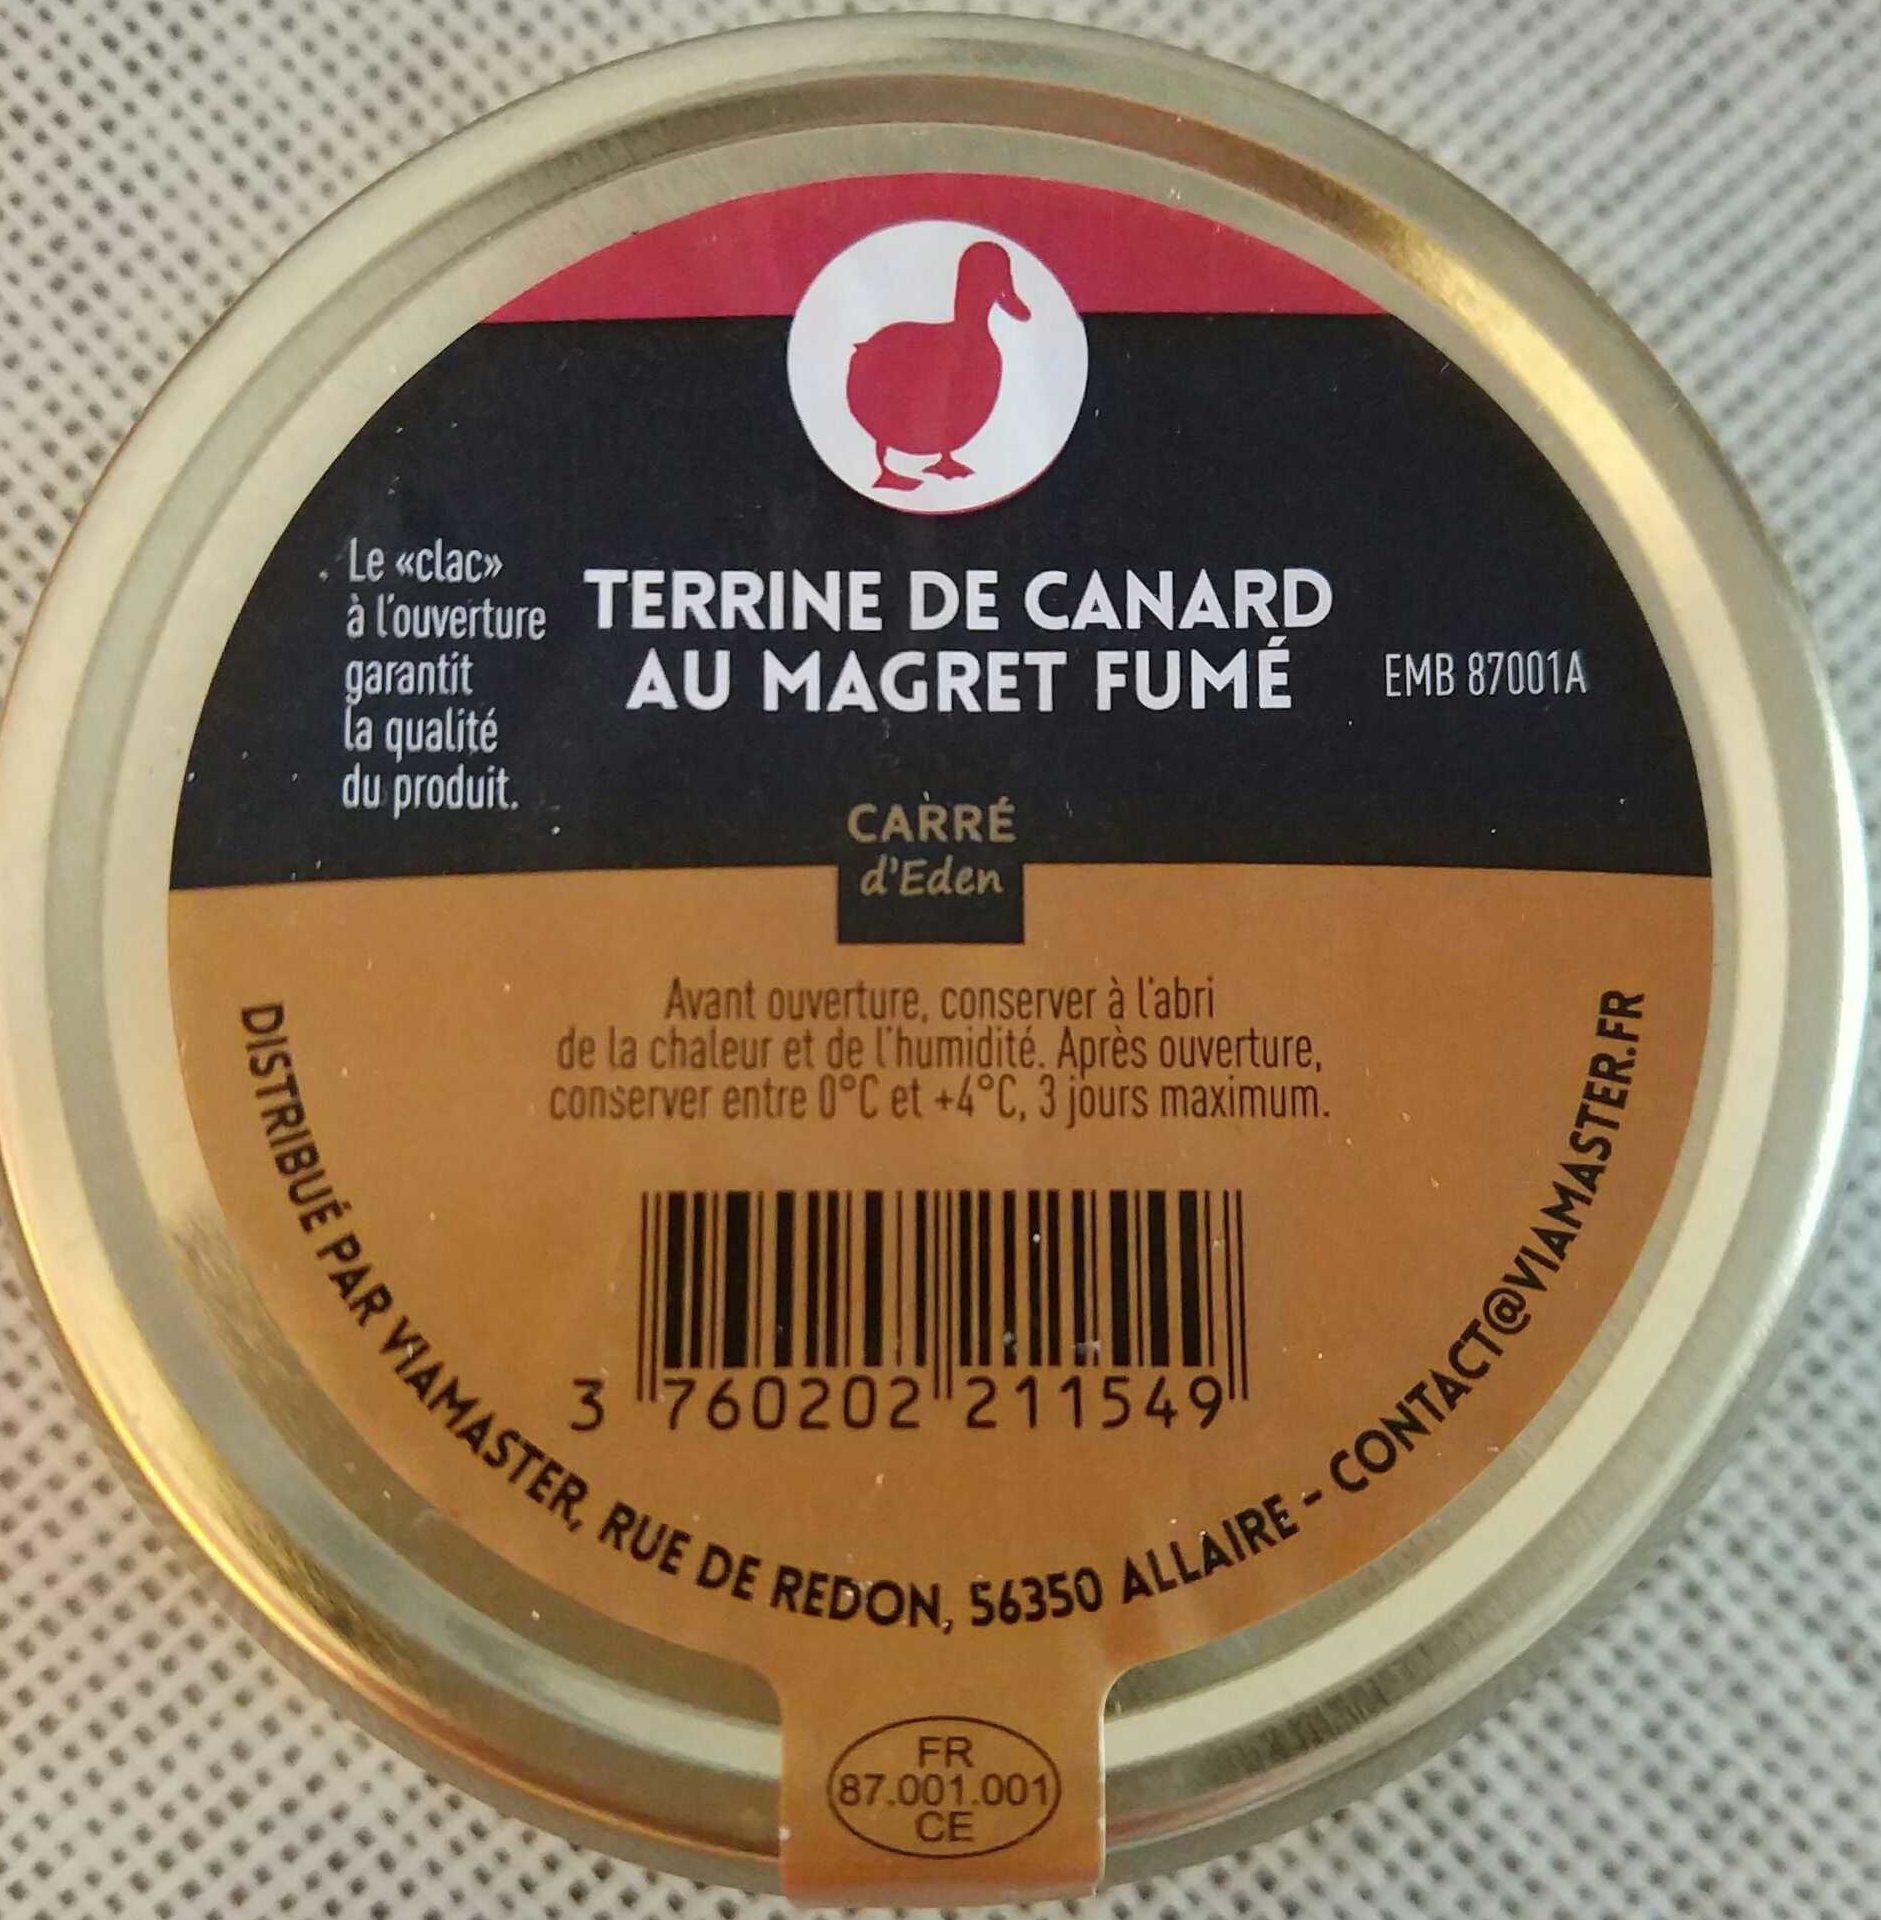 Terrine de canard au magret fumé - Product - fr